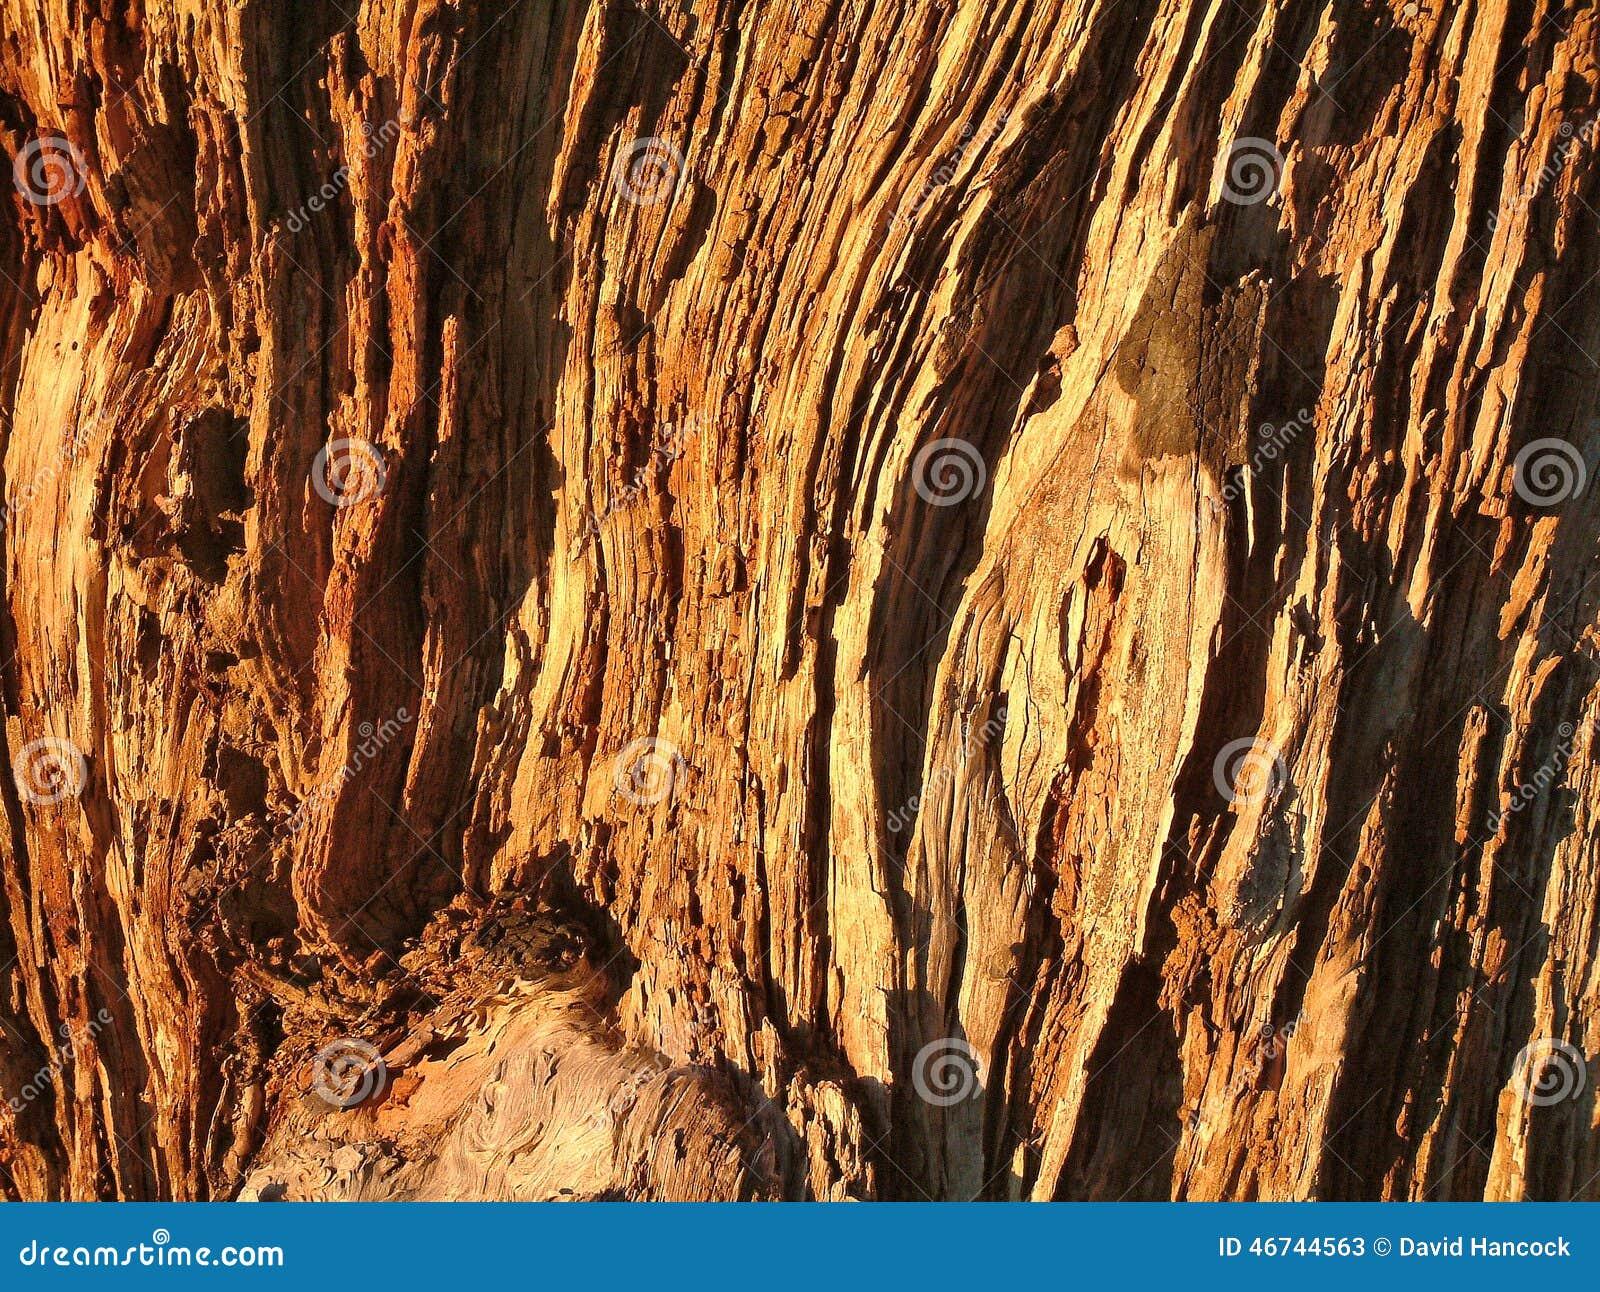 tree log texture